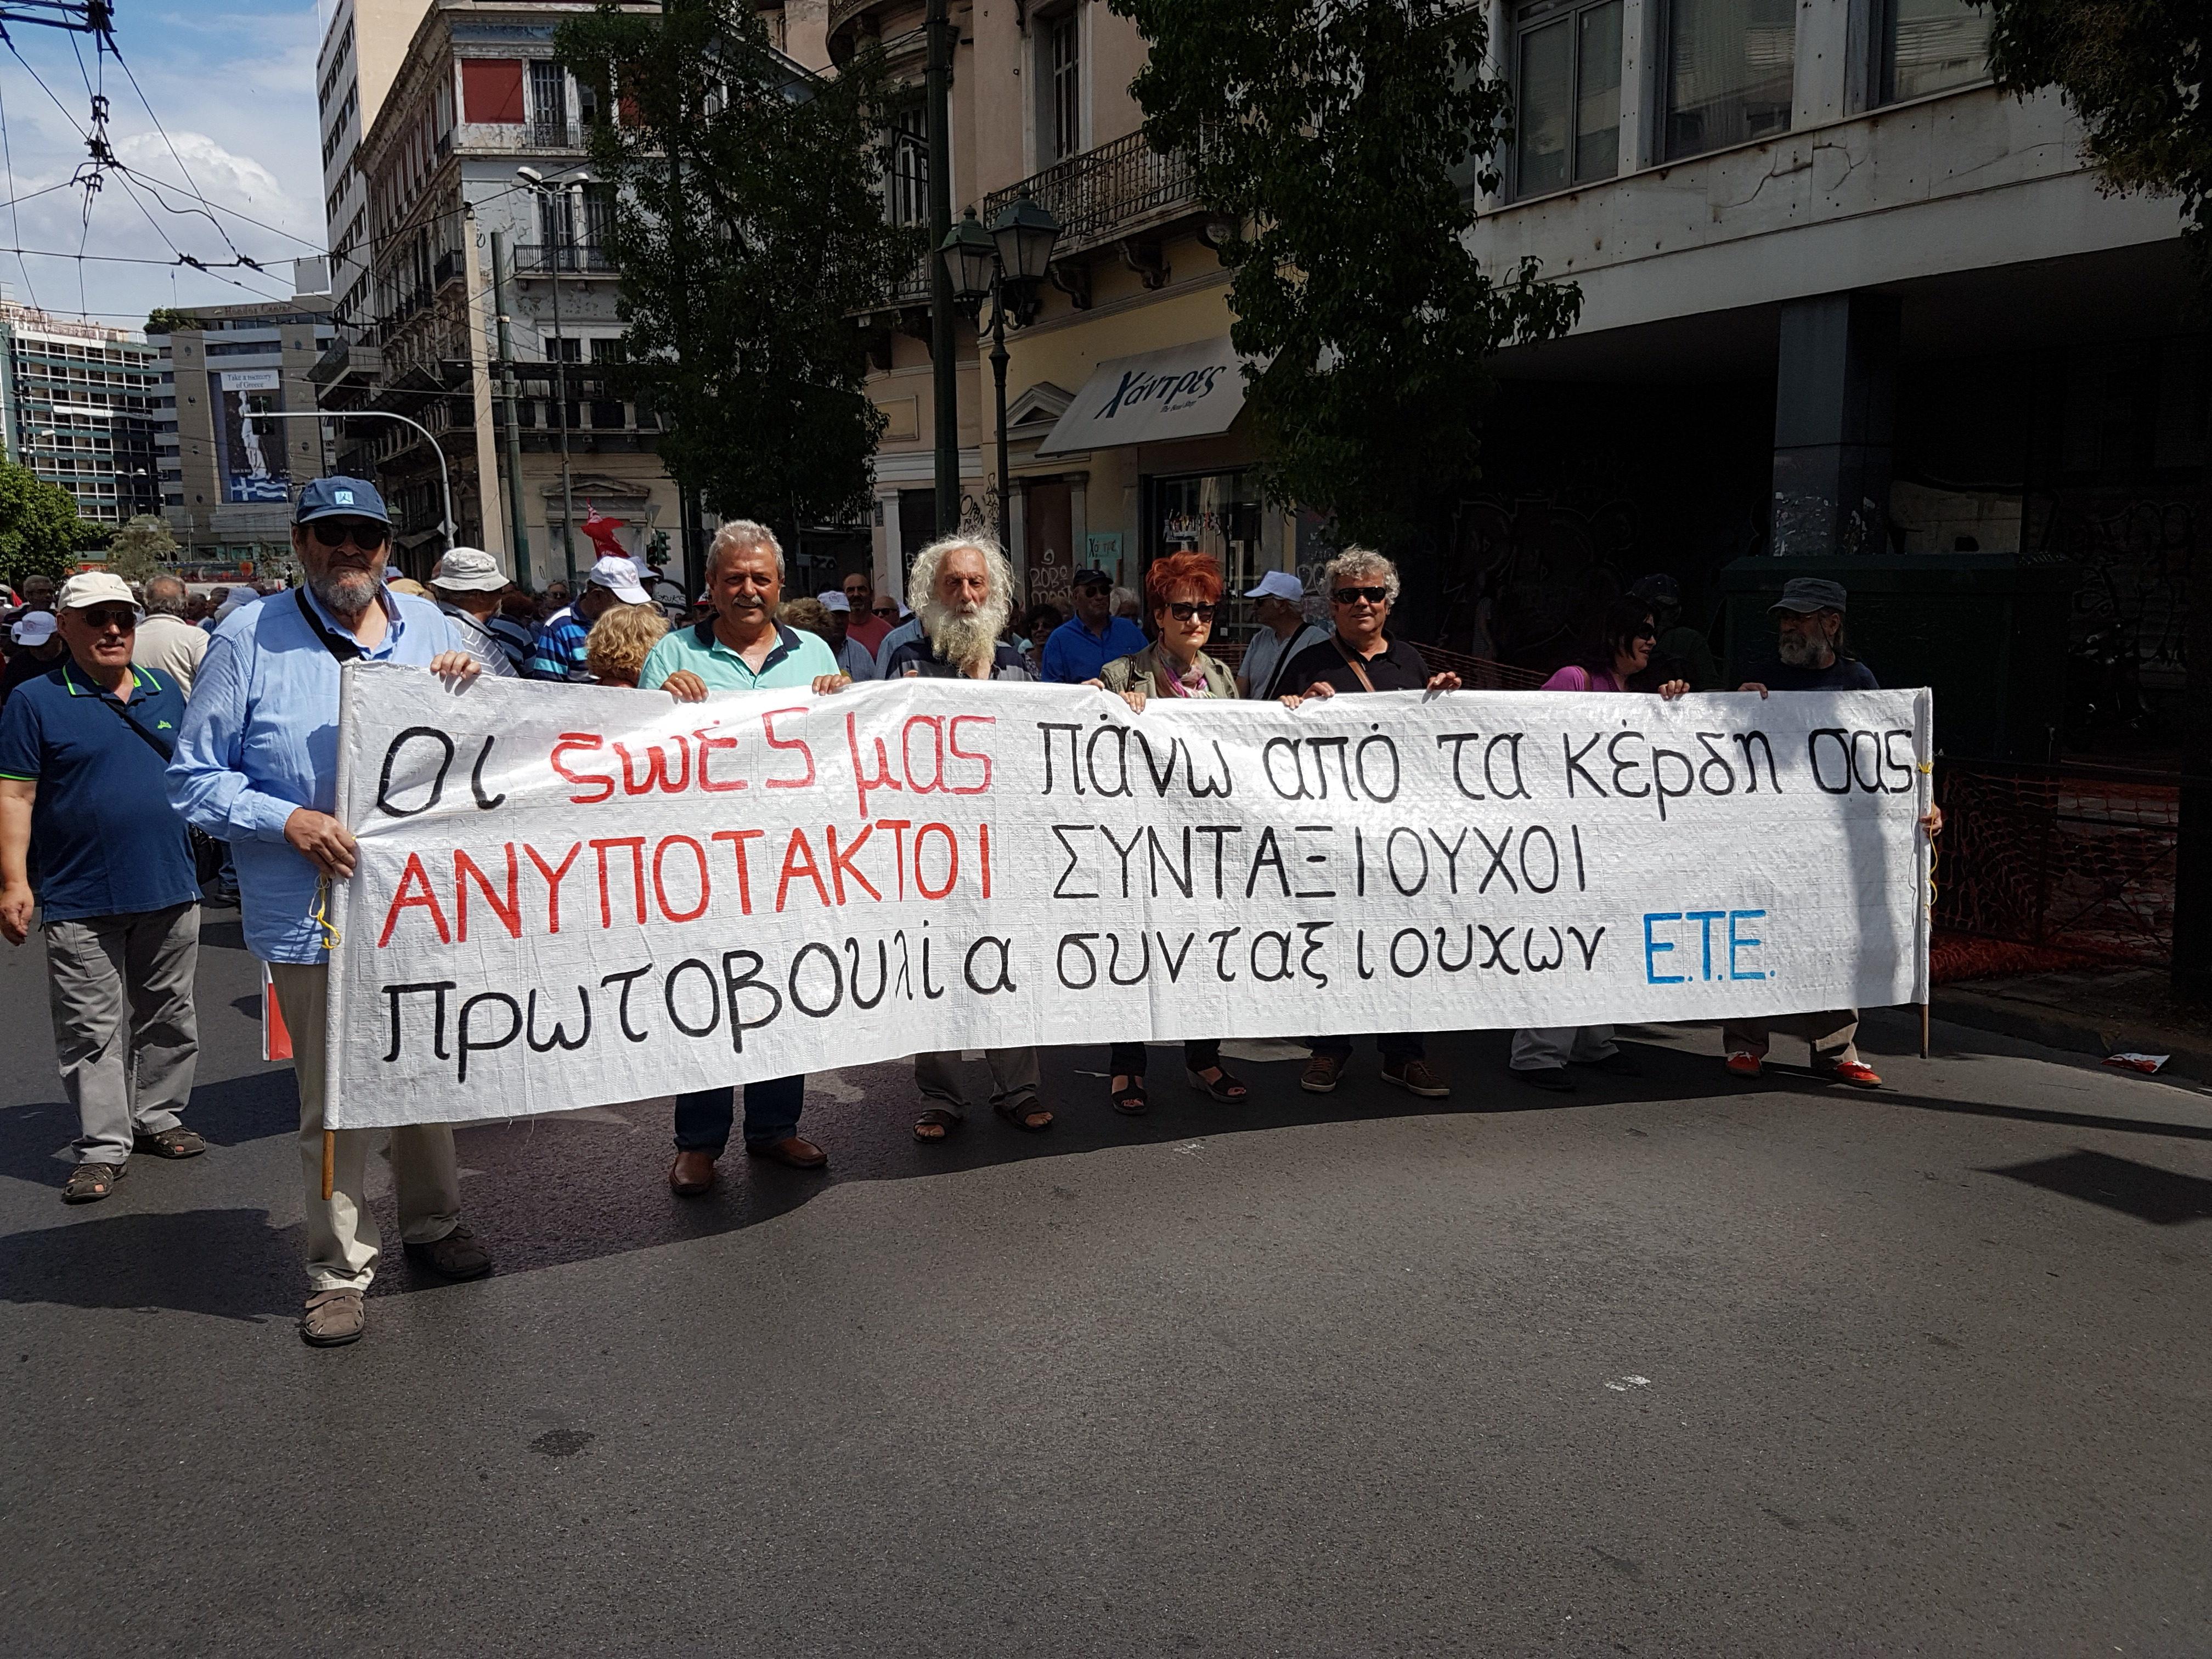 Μεγάλη αγωνιστική συγκέντρωση και πορεία των συνταξιούχων στην Αθήνα.